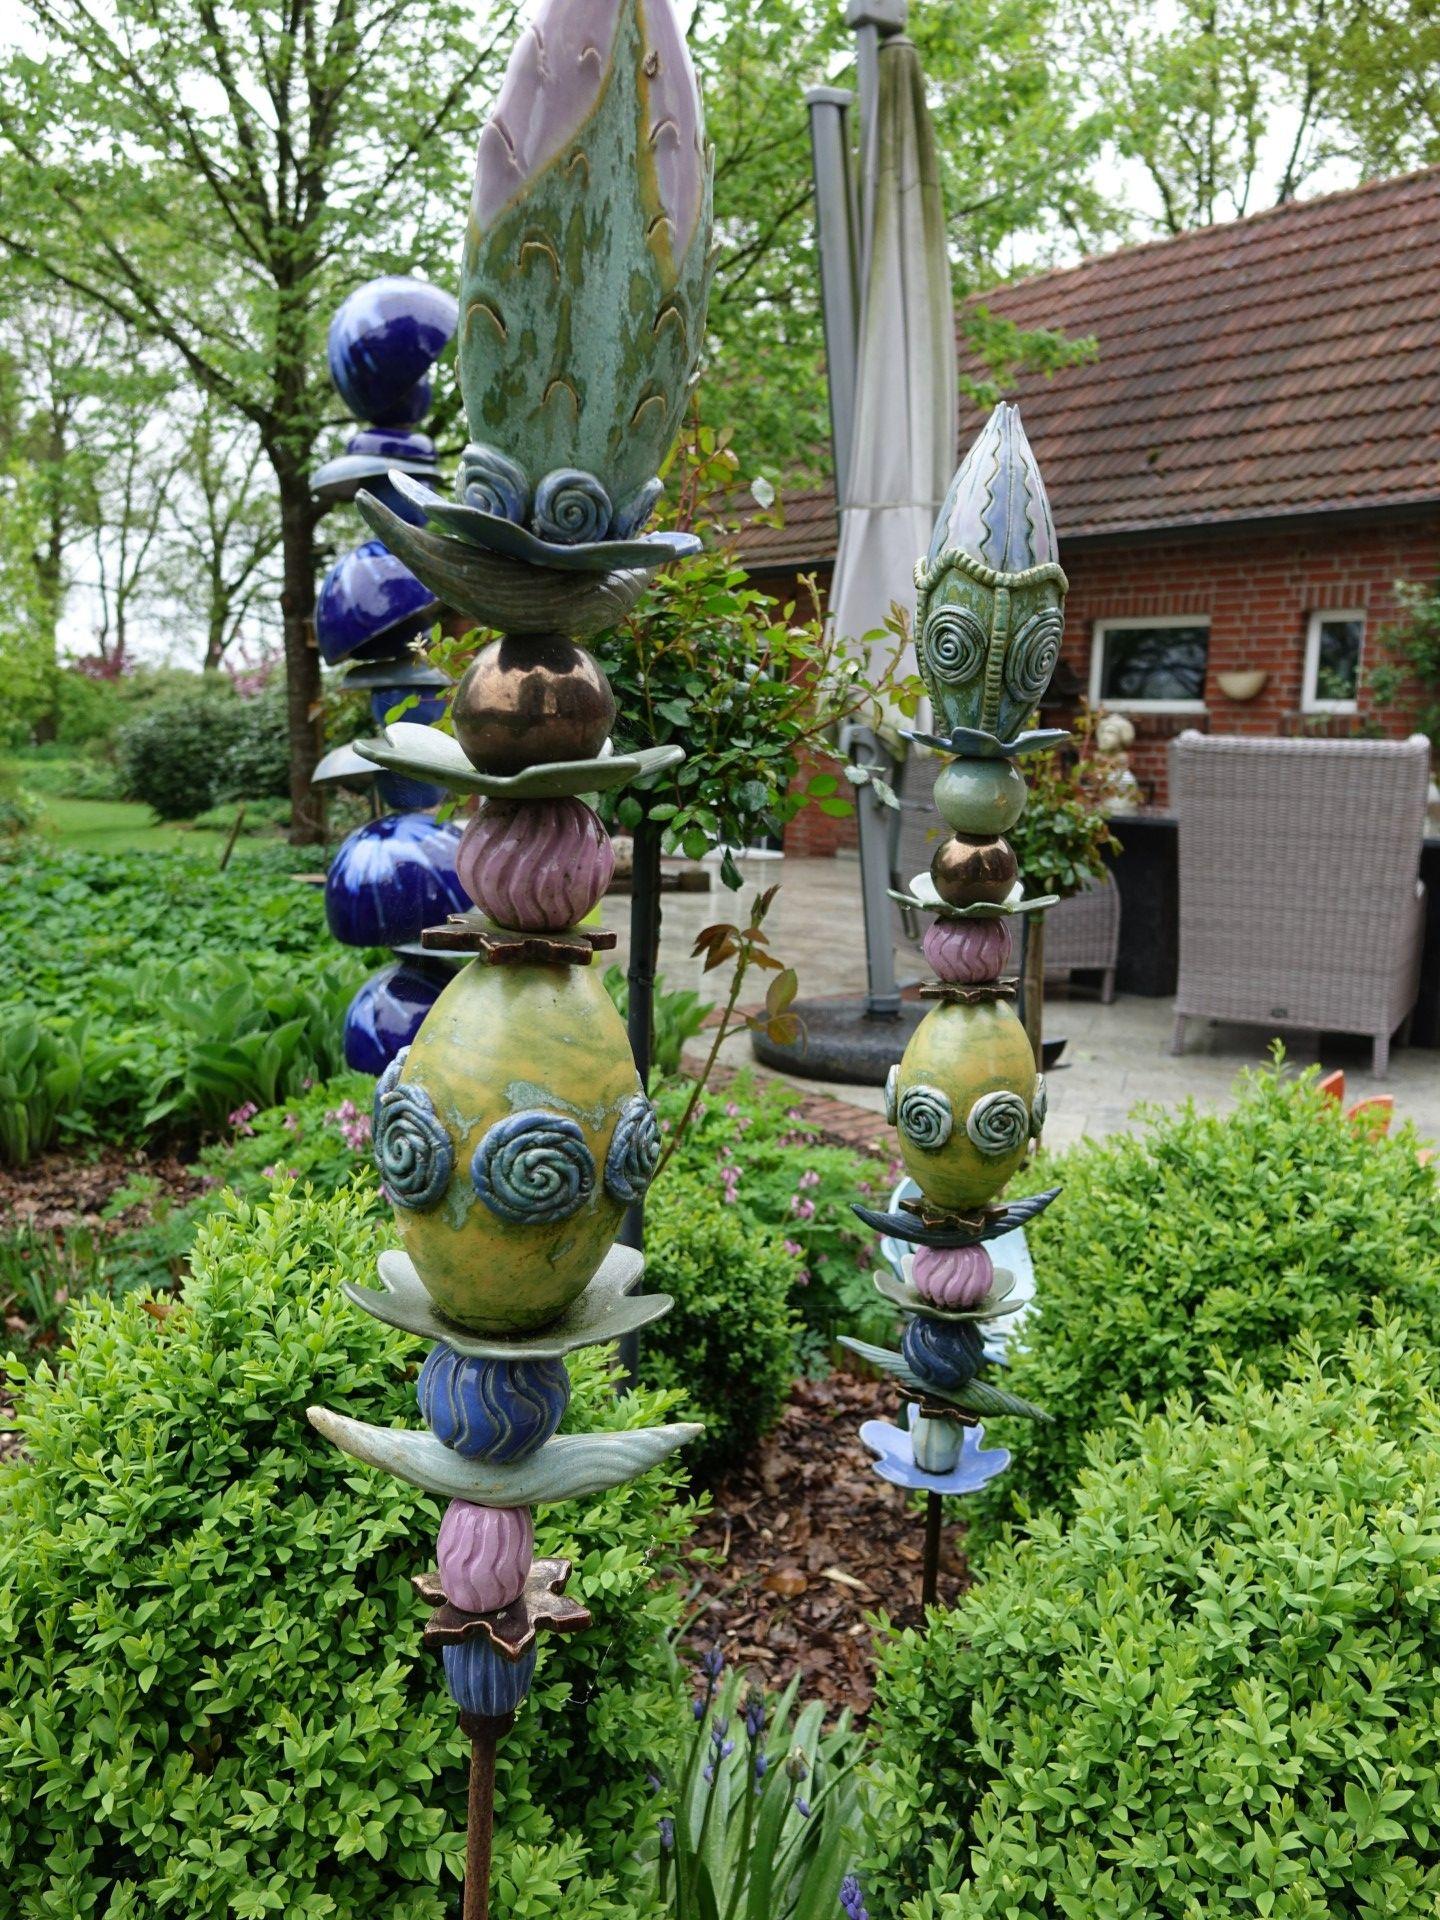 Gartenkunst Ginie Koolen Gartenkunst Keramikteekannen Gartenskulptur